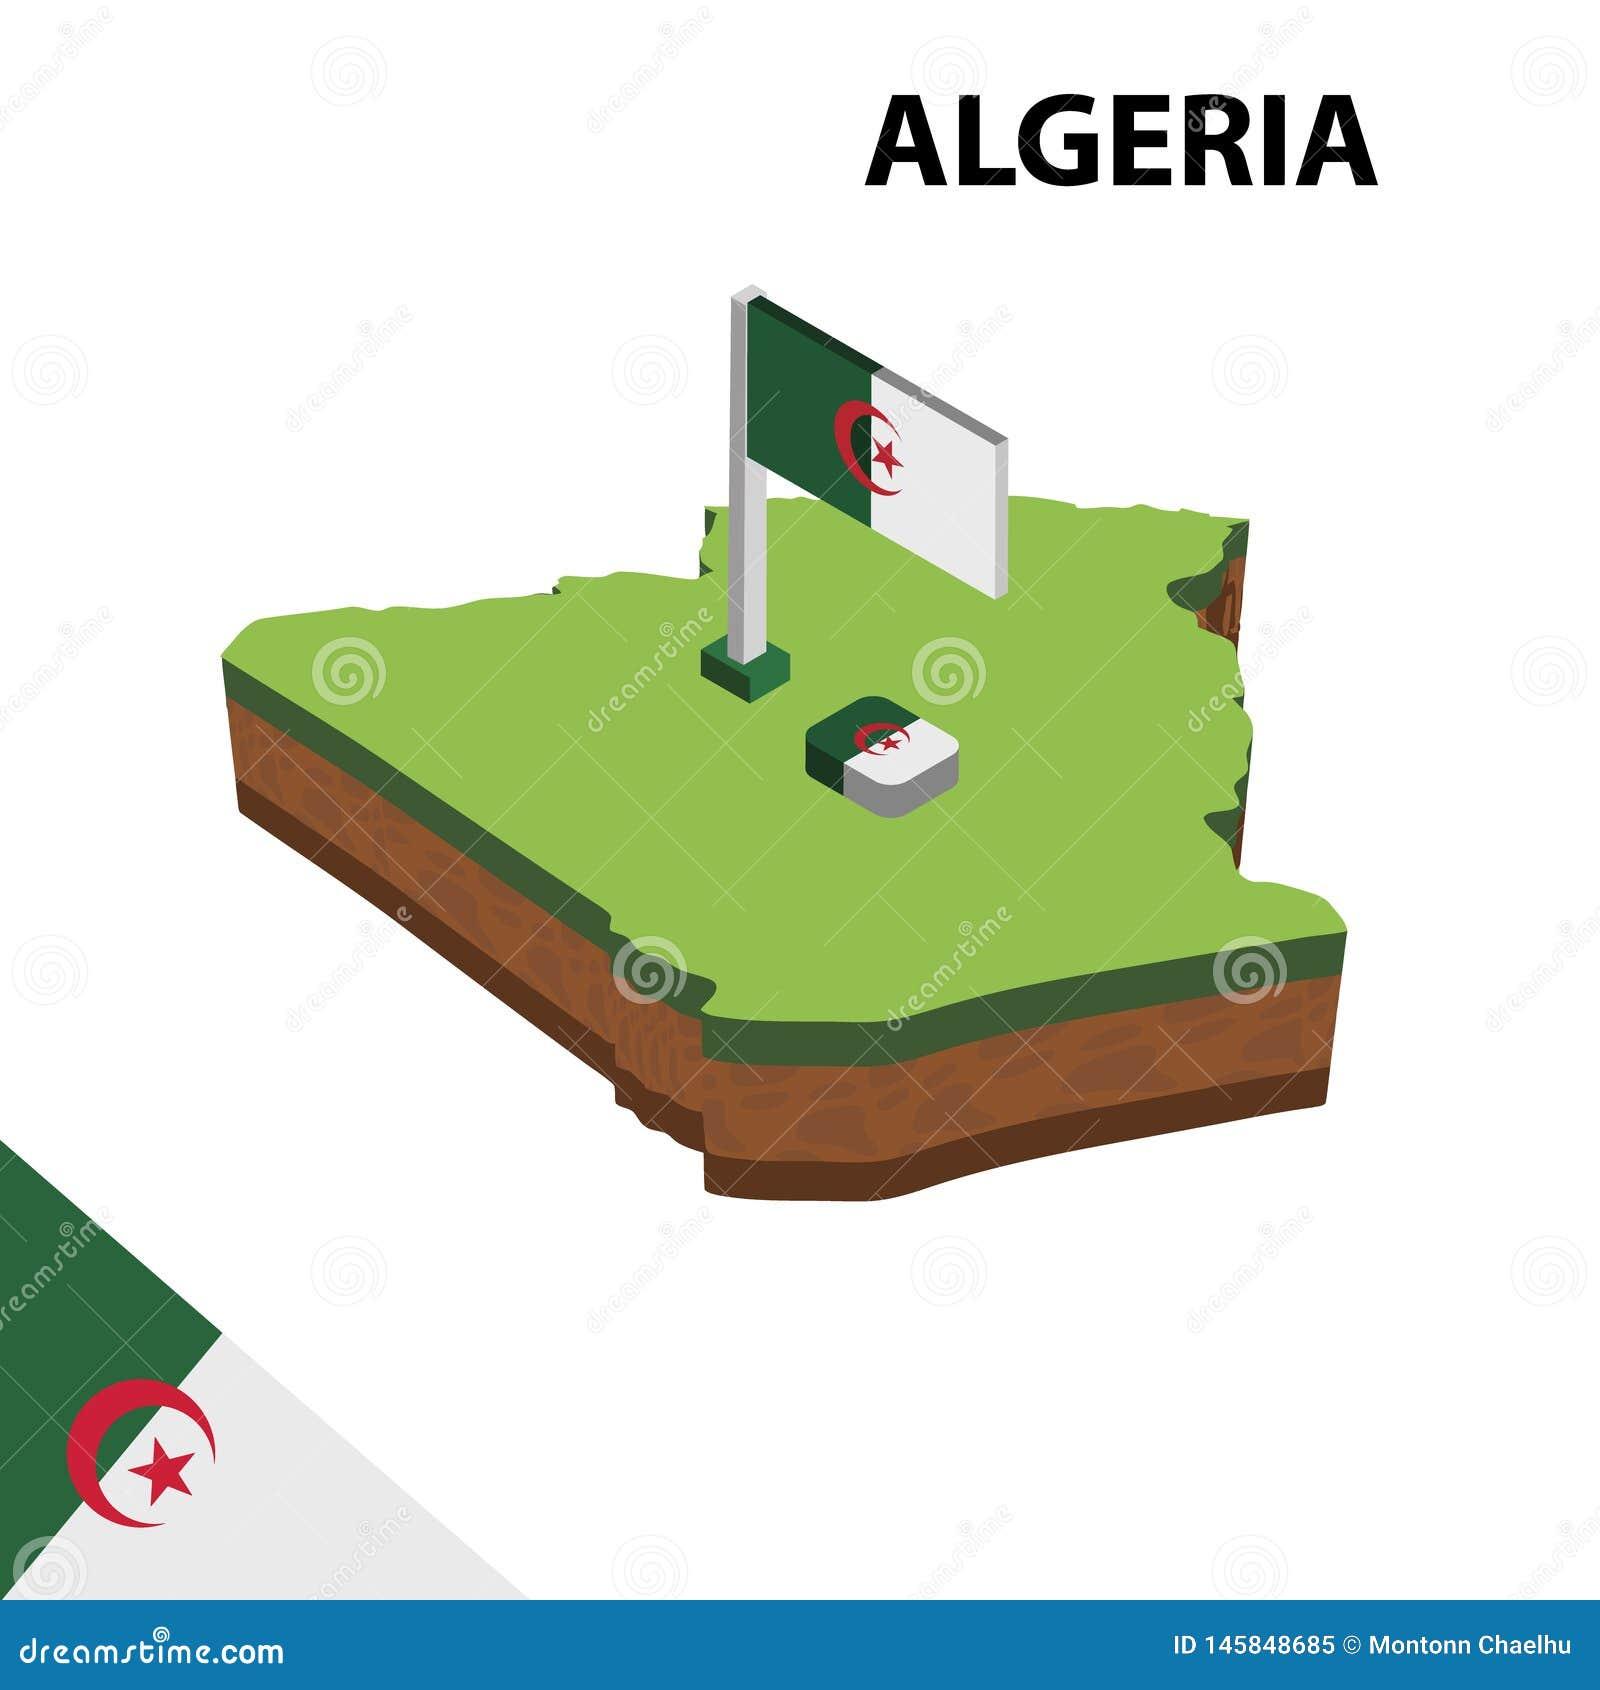 Γραφικοί Isometric χάρτης πληροφοριών και σημαία της Αλγερίας τρισδιάστατη isometric διανυσματική απεικόνιση